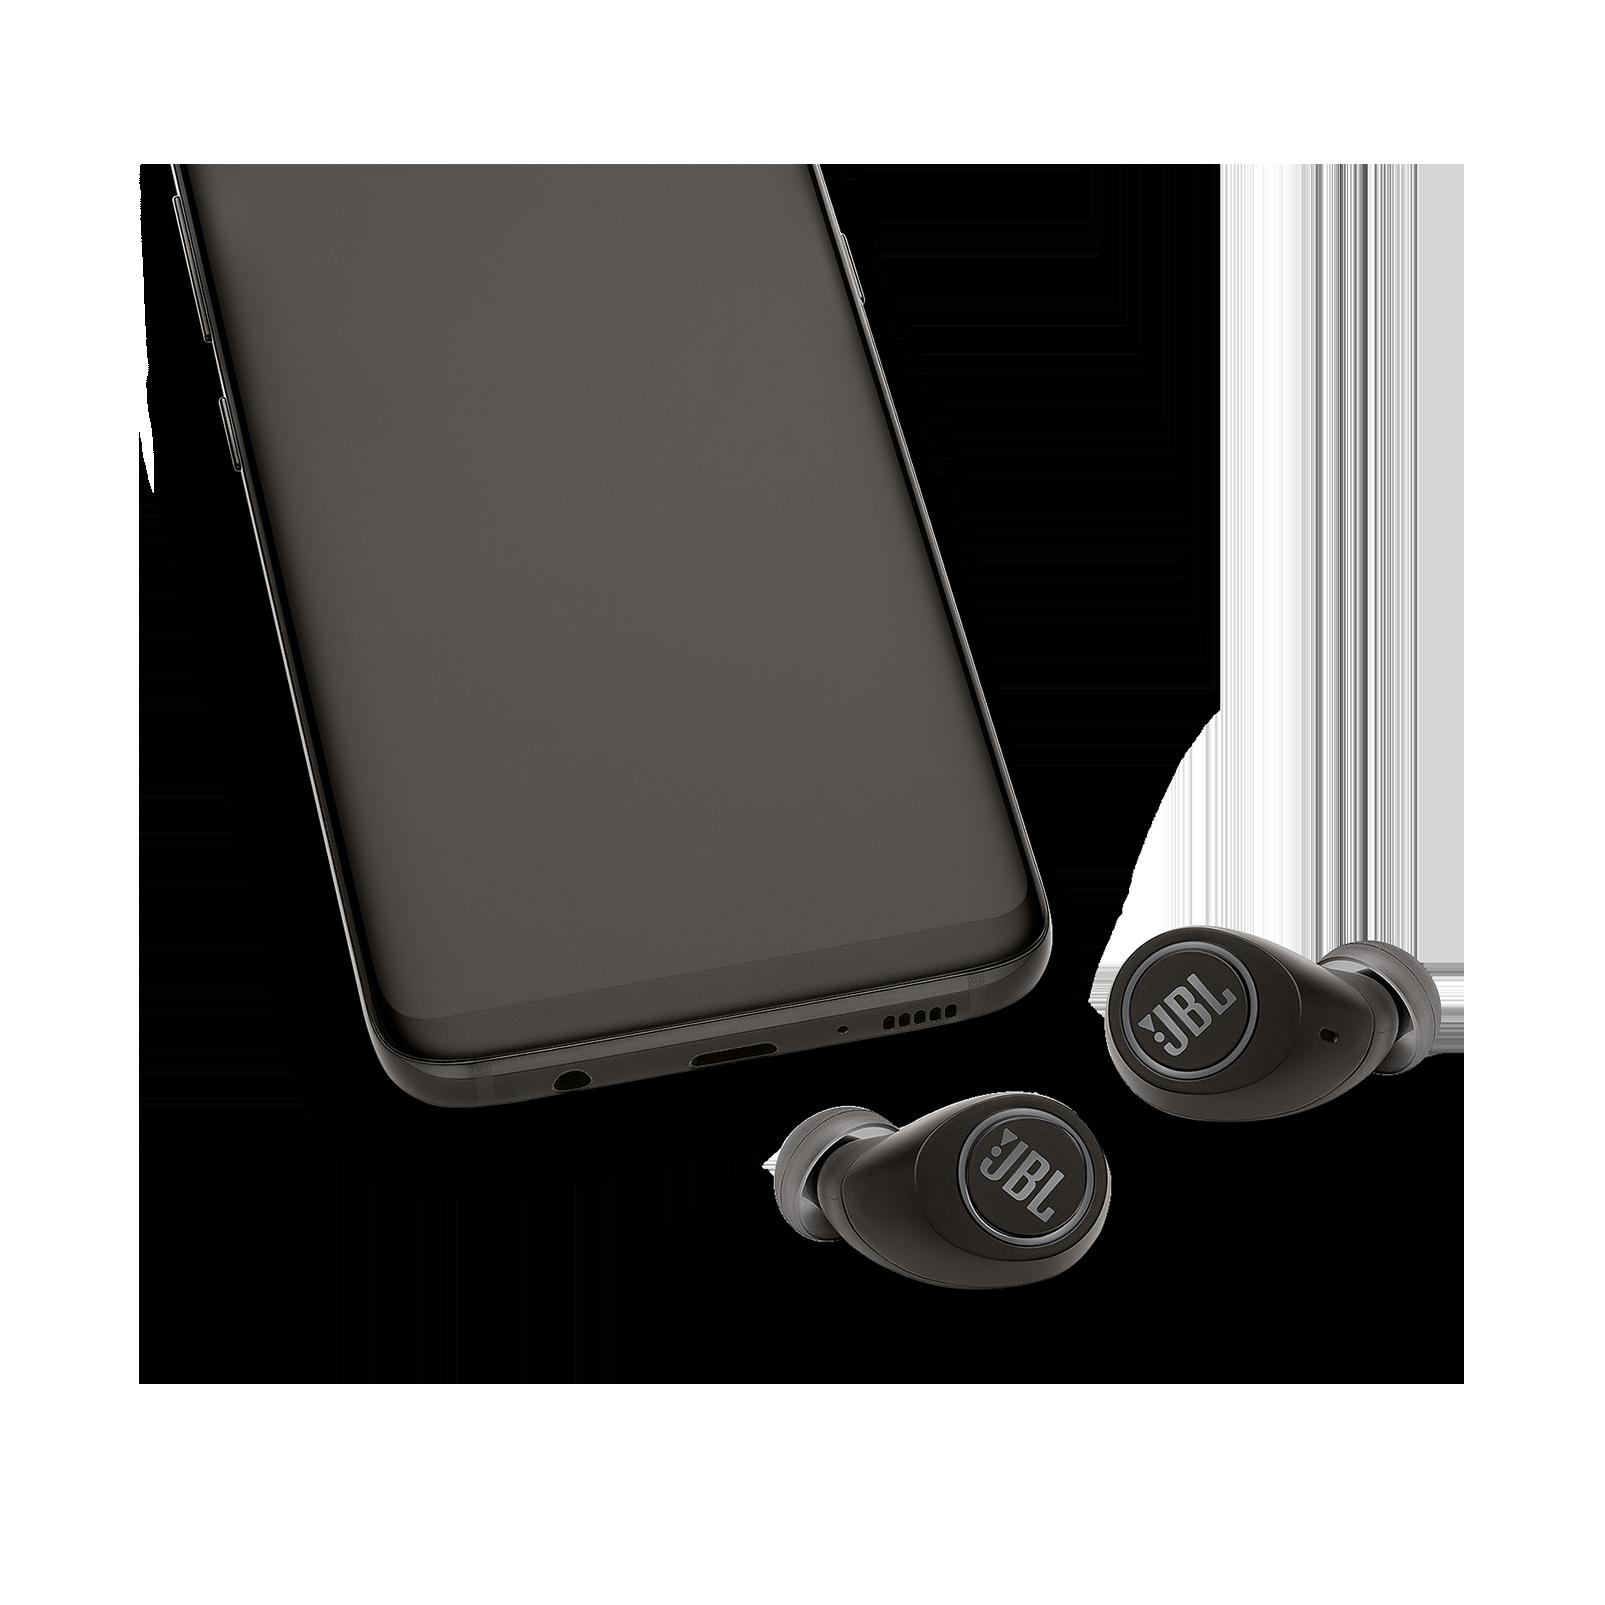 JBL Free X - Black - Truly wireless in-ear headphones - Detailshot 4